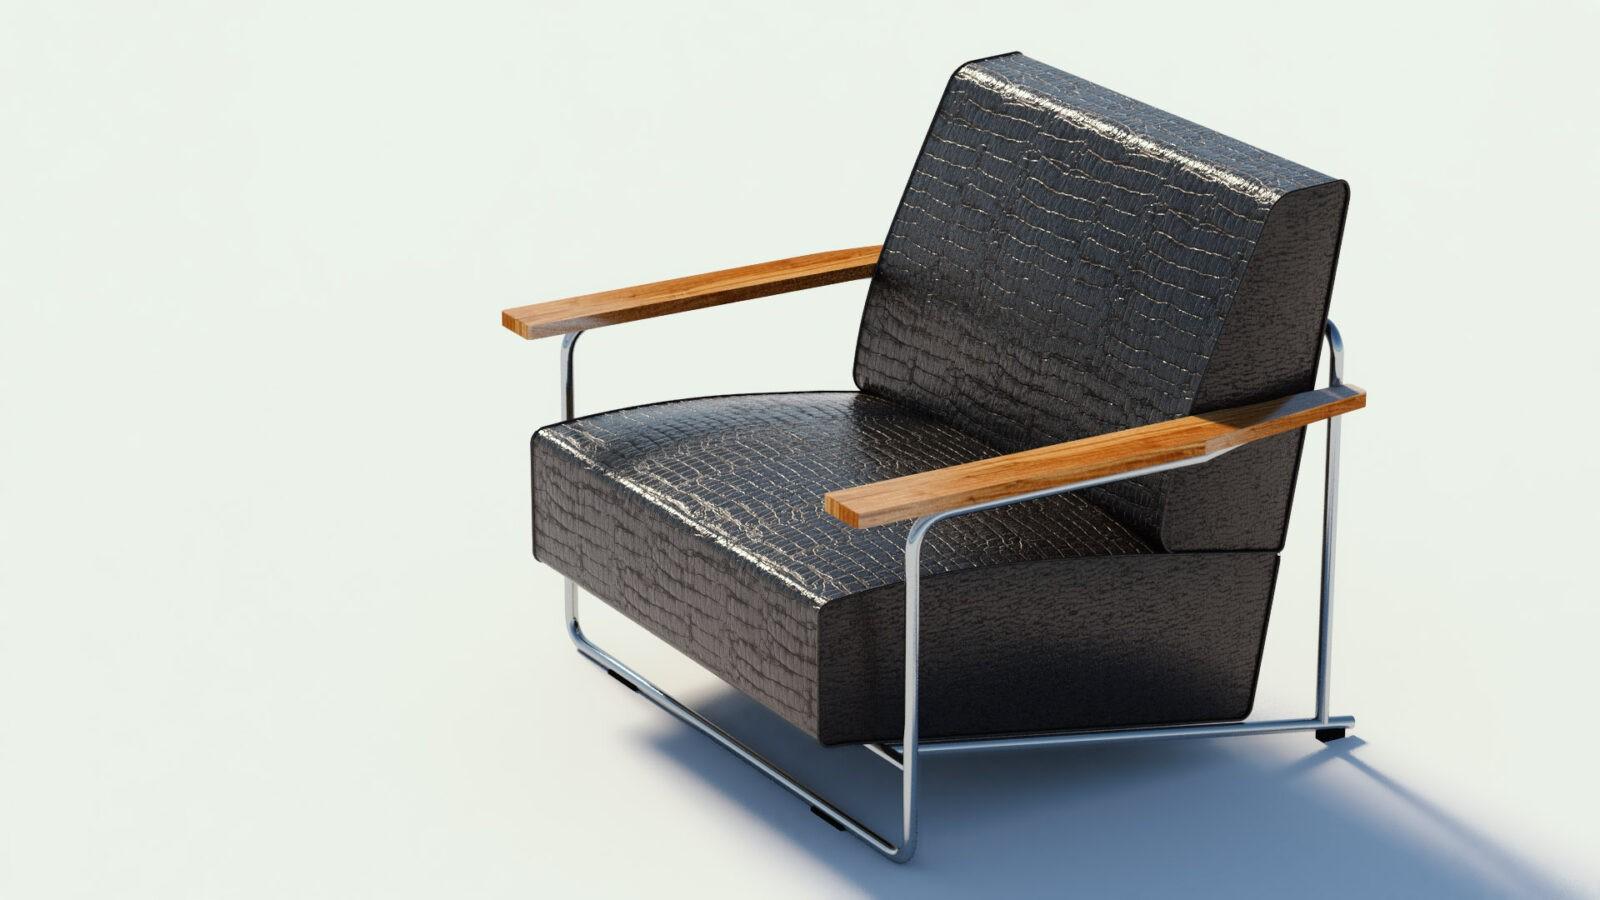 Darstellung von einem schwarzen Lederstuhl mit Holzarmlehnen und Edelstahlgestell in einem Designstudio